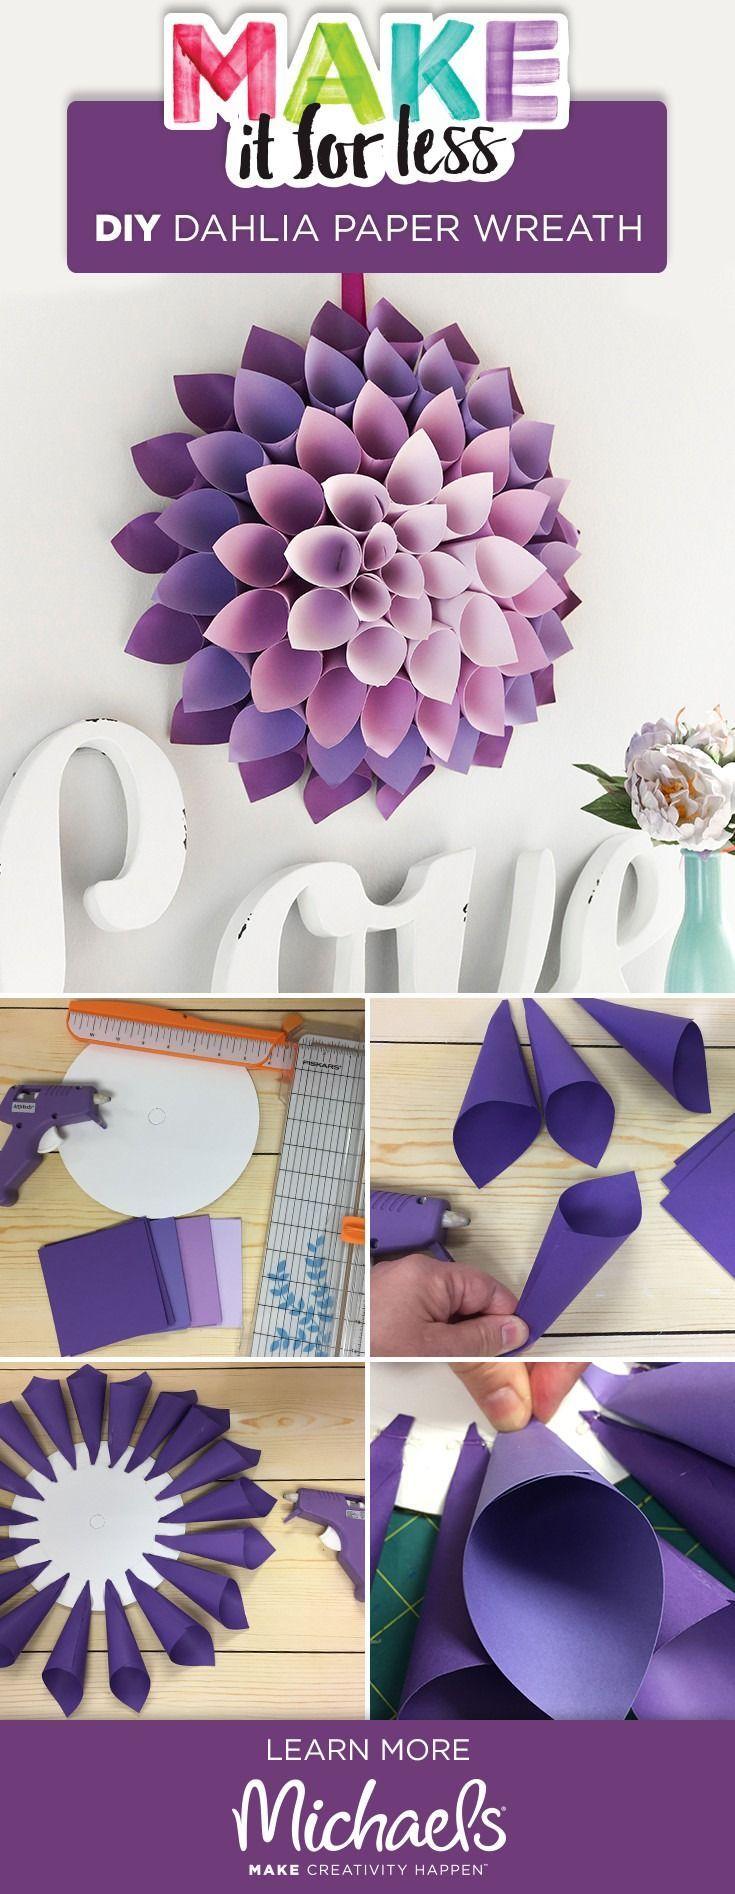 Sehen Sie, wie einfach es ist, diesen DIY Dahlia Papierkranz herzustellen